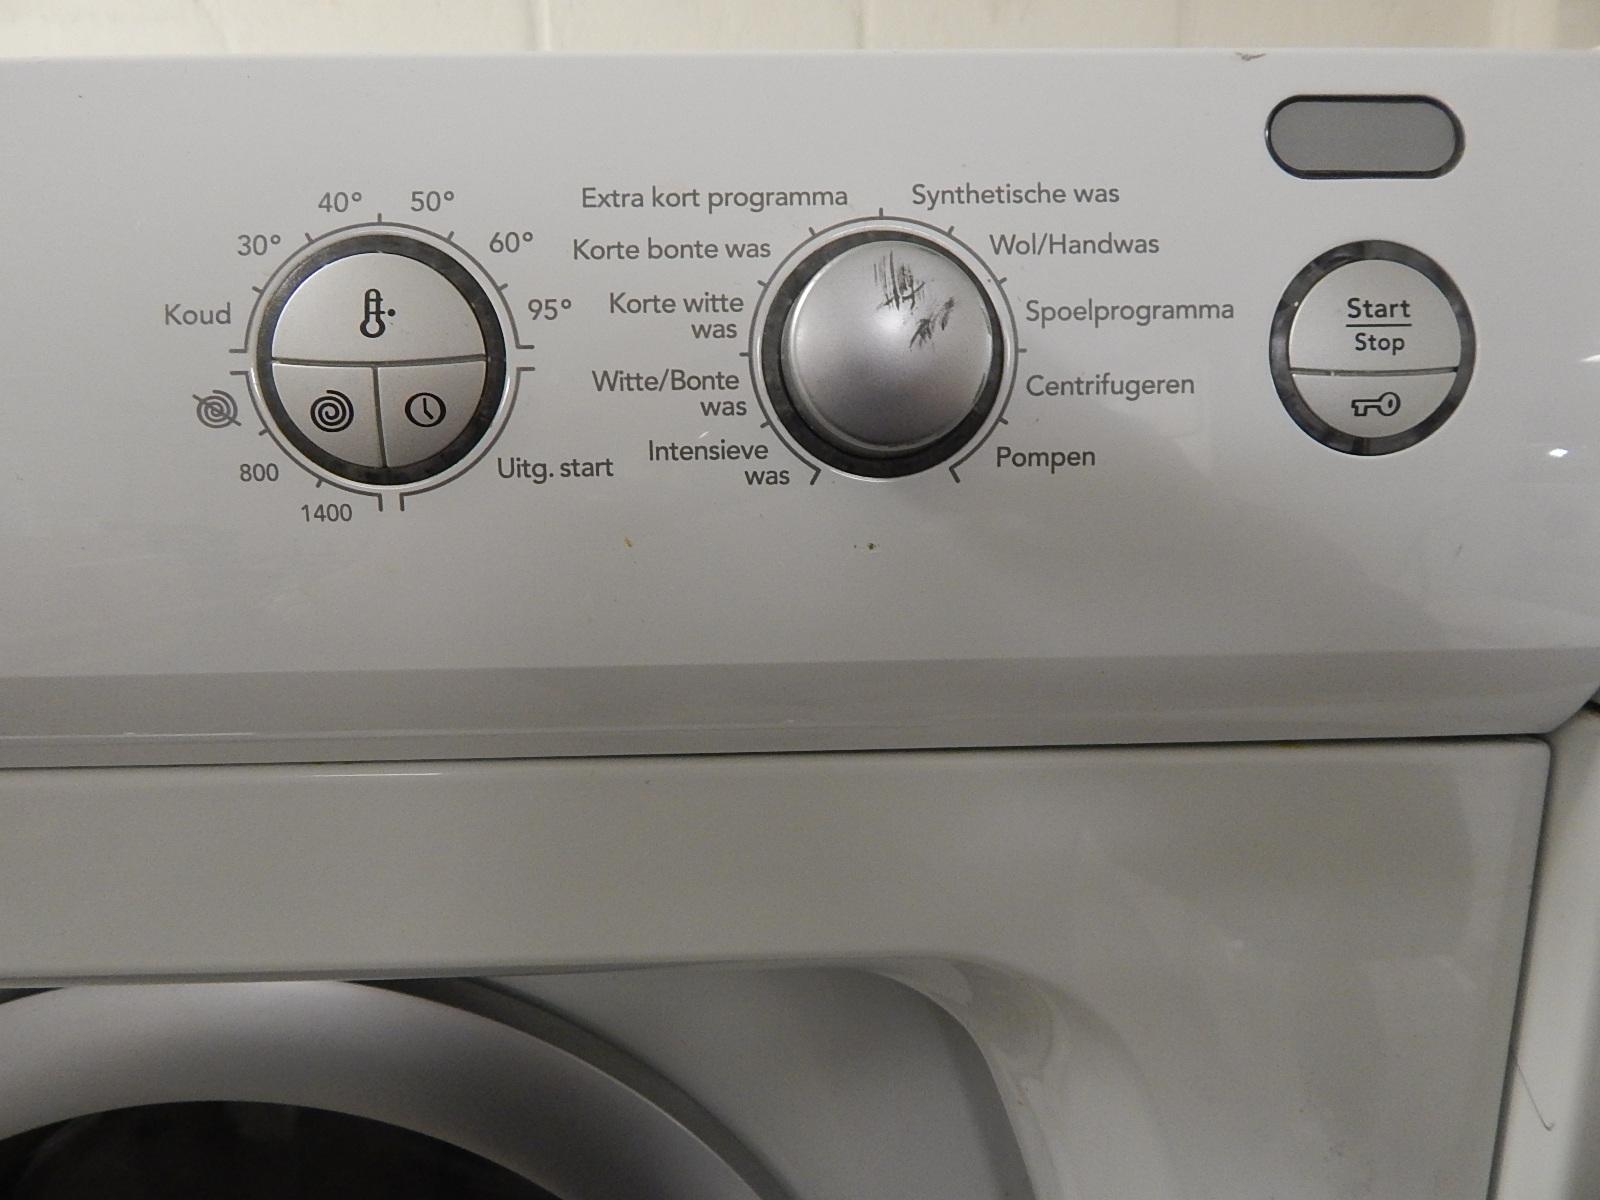 ASKO wasmachine 2